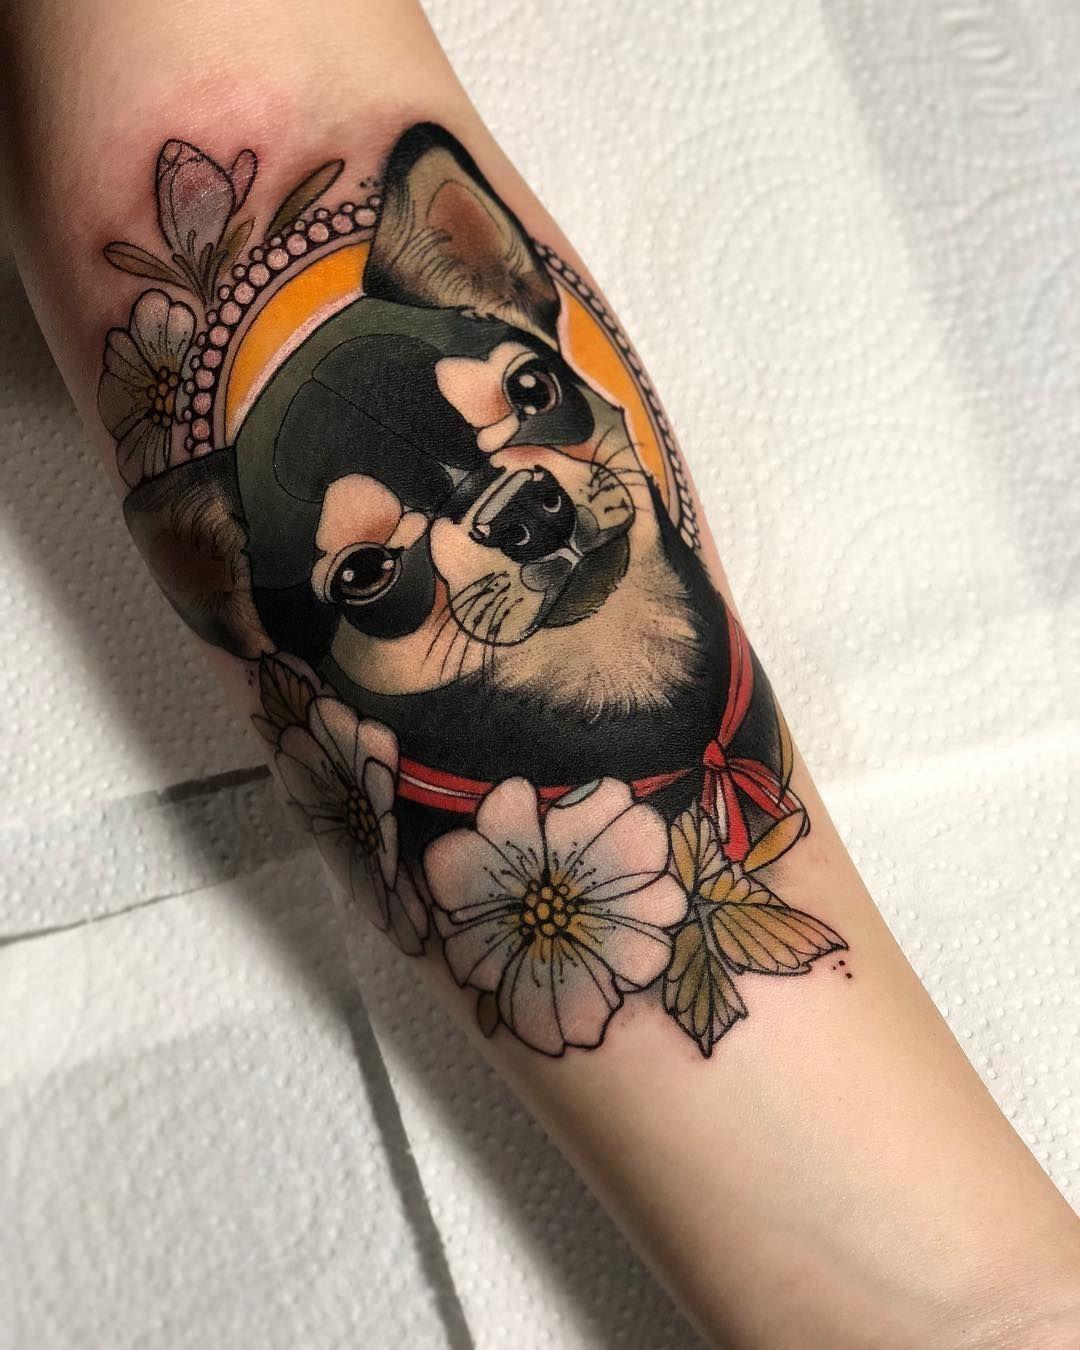 0d34e2ee9afc4e30b739ea190c562807 - Neo Traditional Tattoo Dog